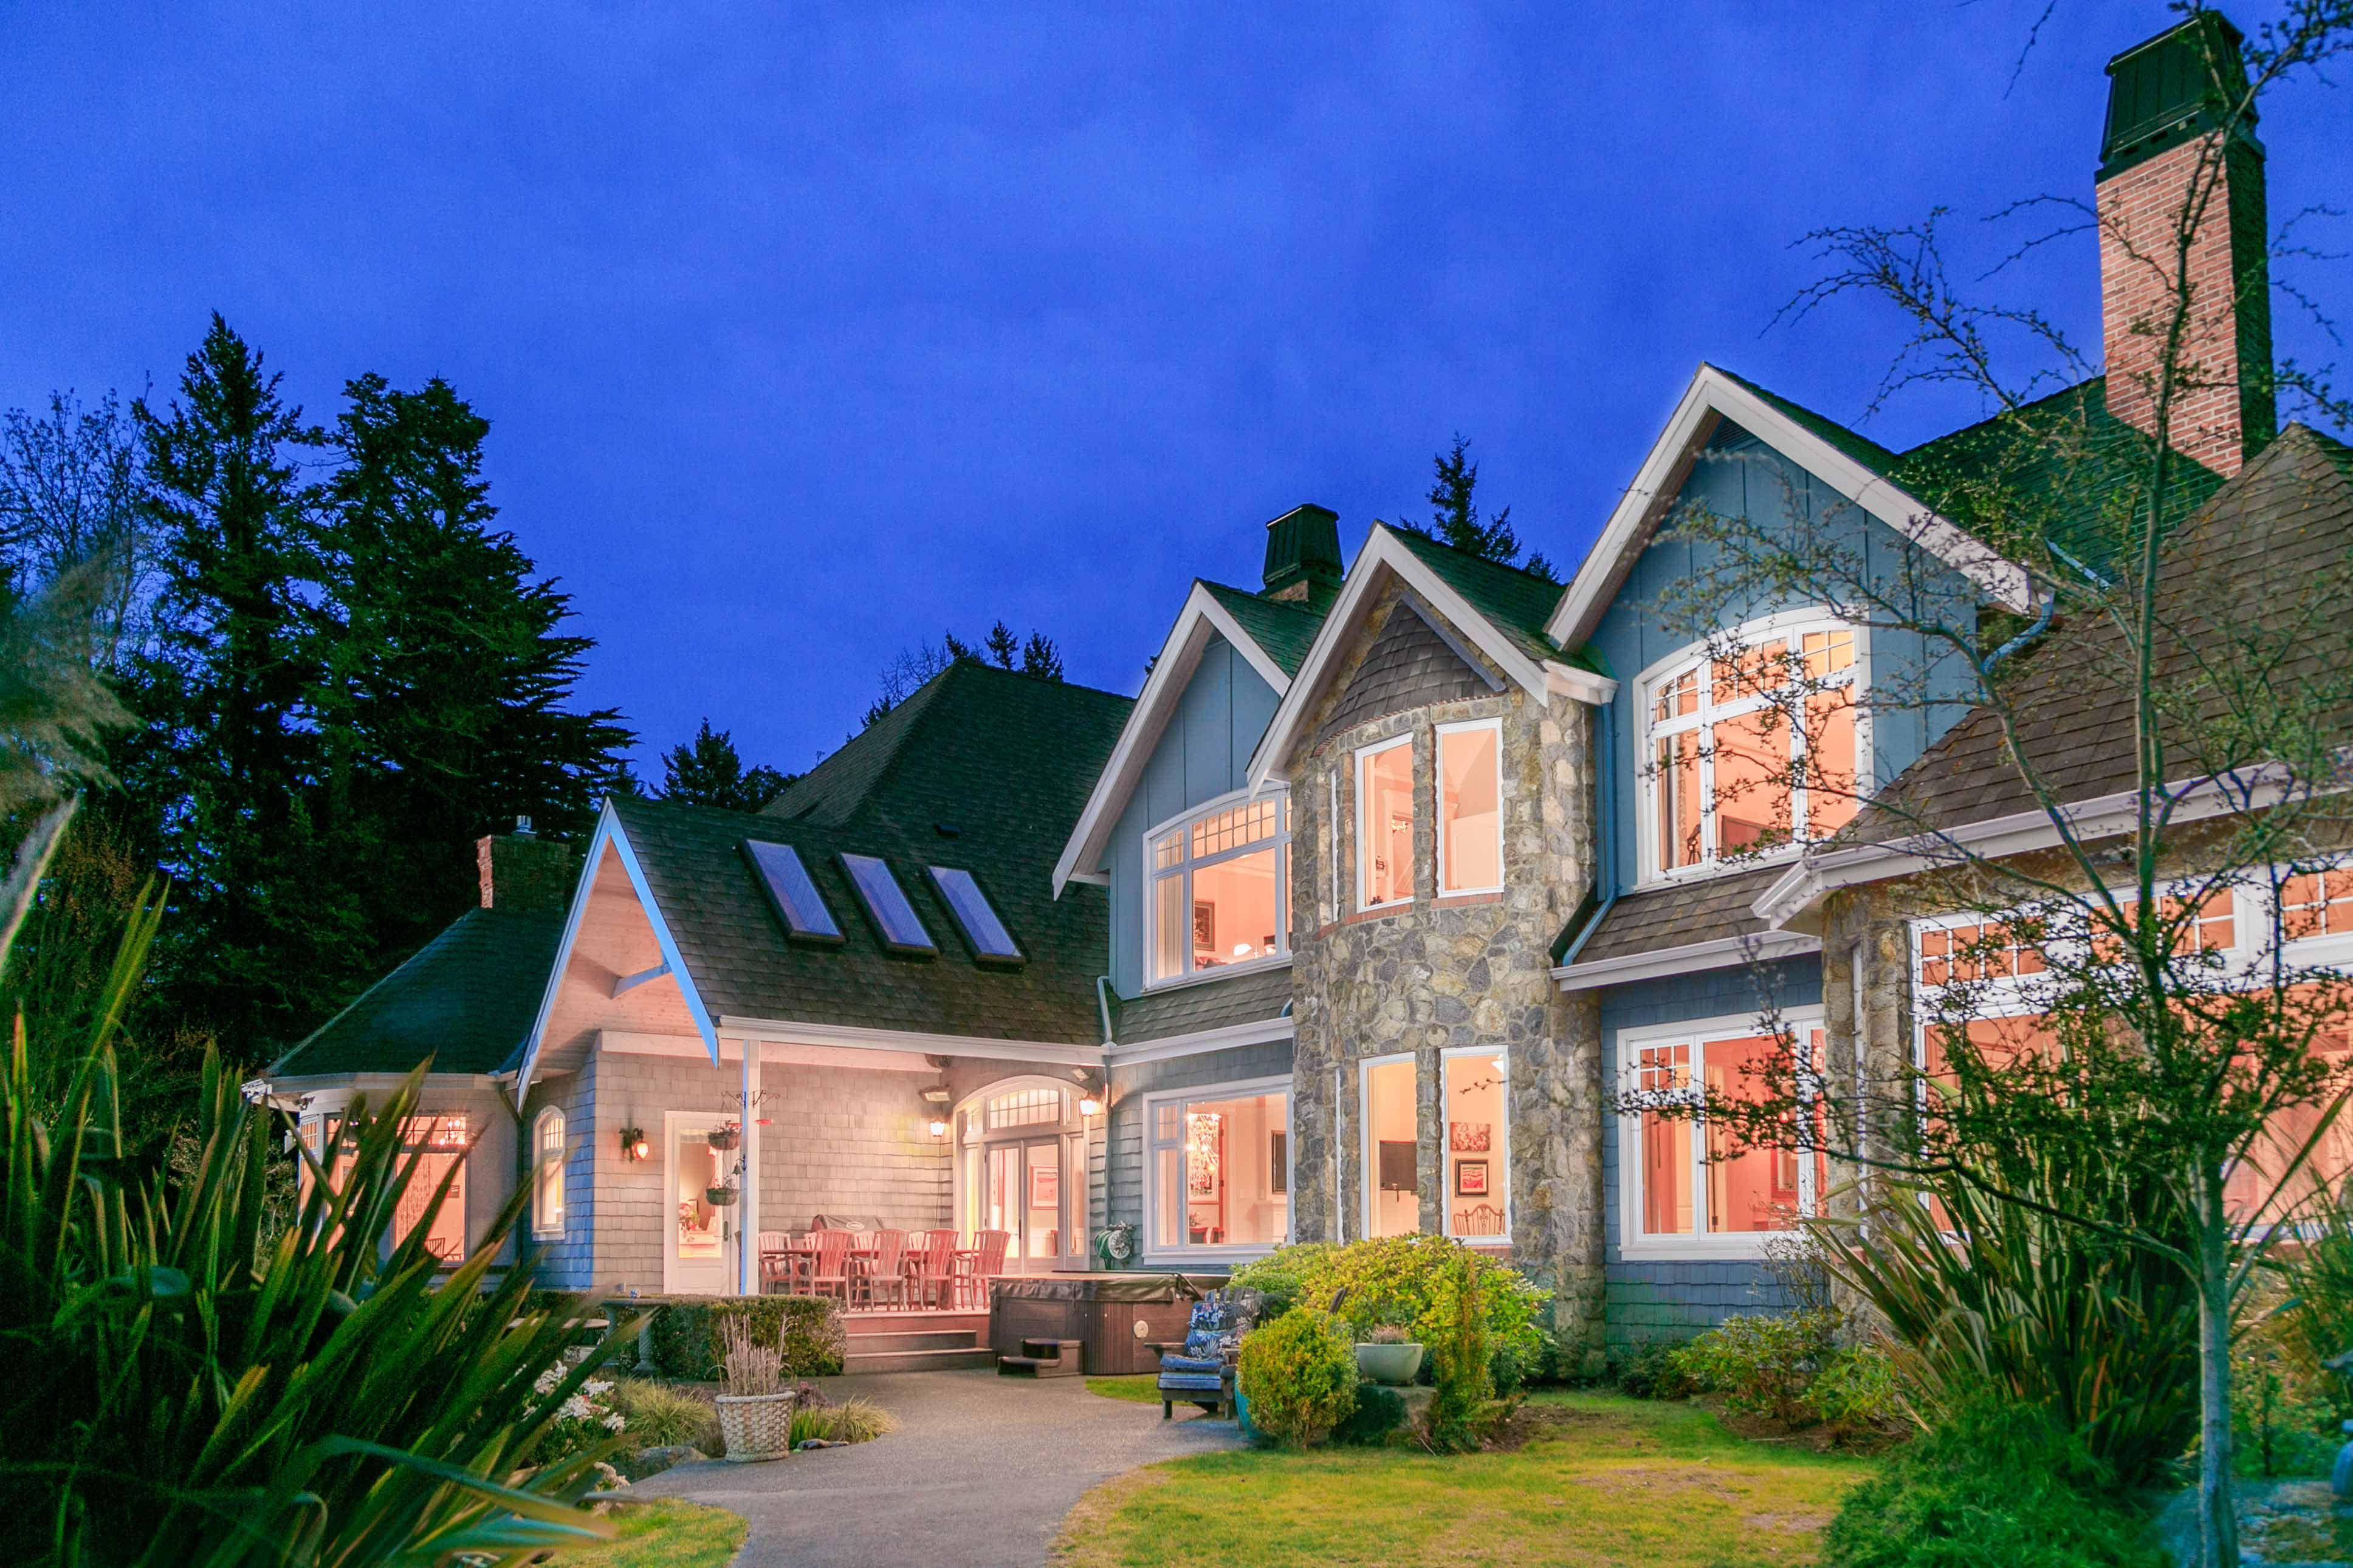 Luxury house photo - exterior